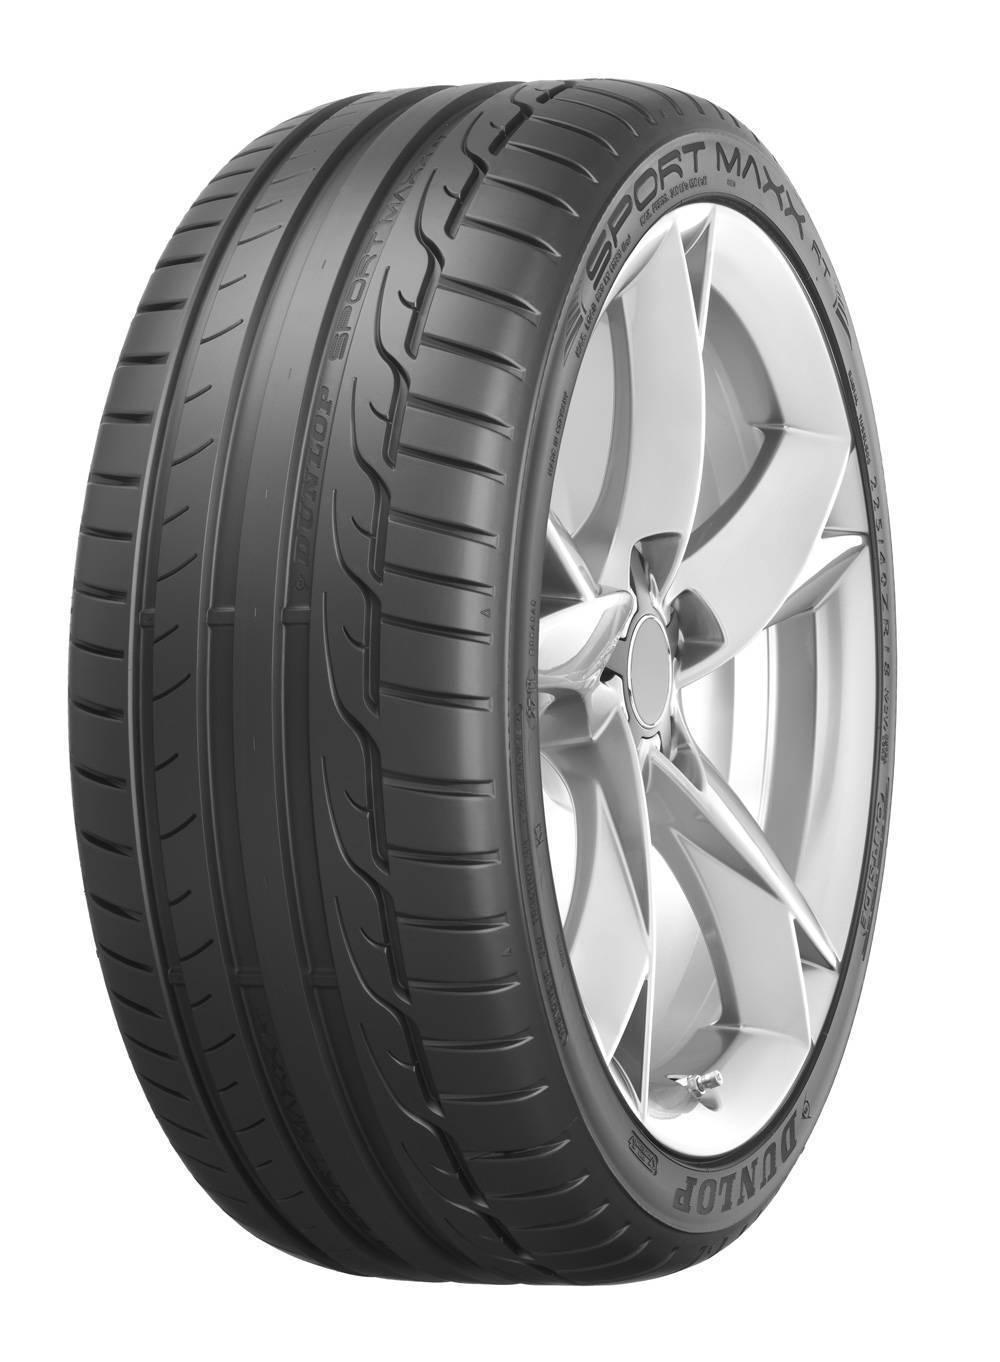 Pneu Dunlop Sport Maxx Rt 205/55 R16 91w